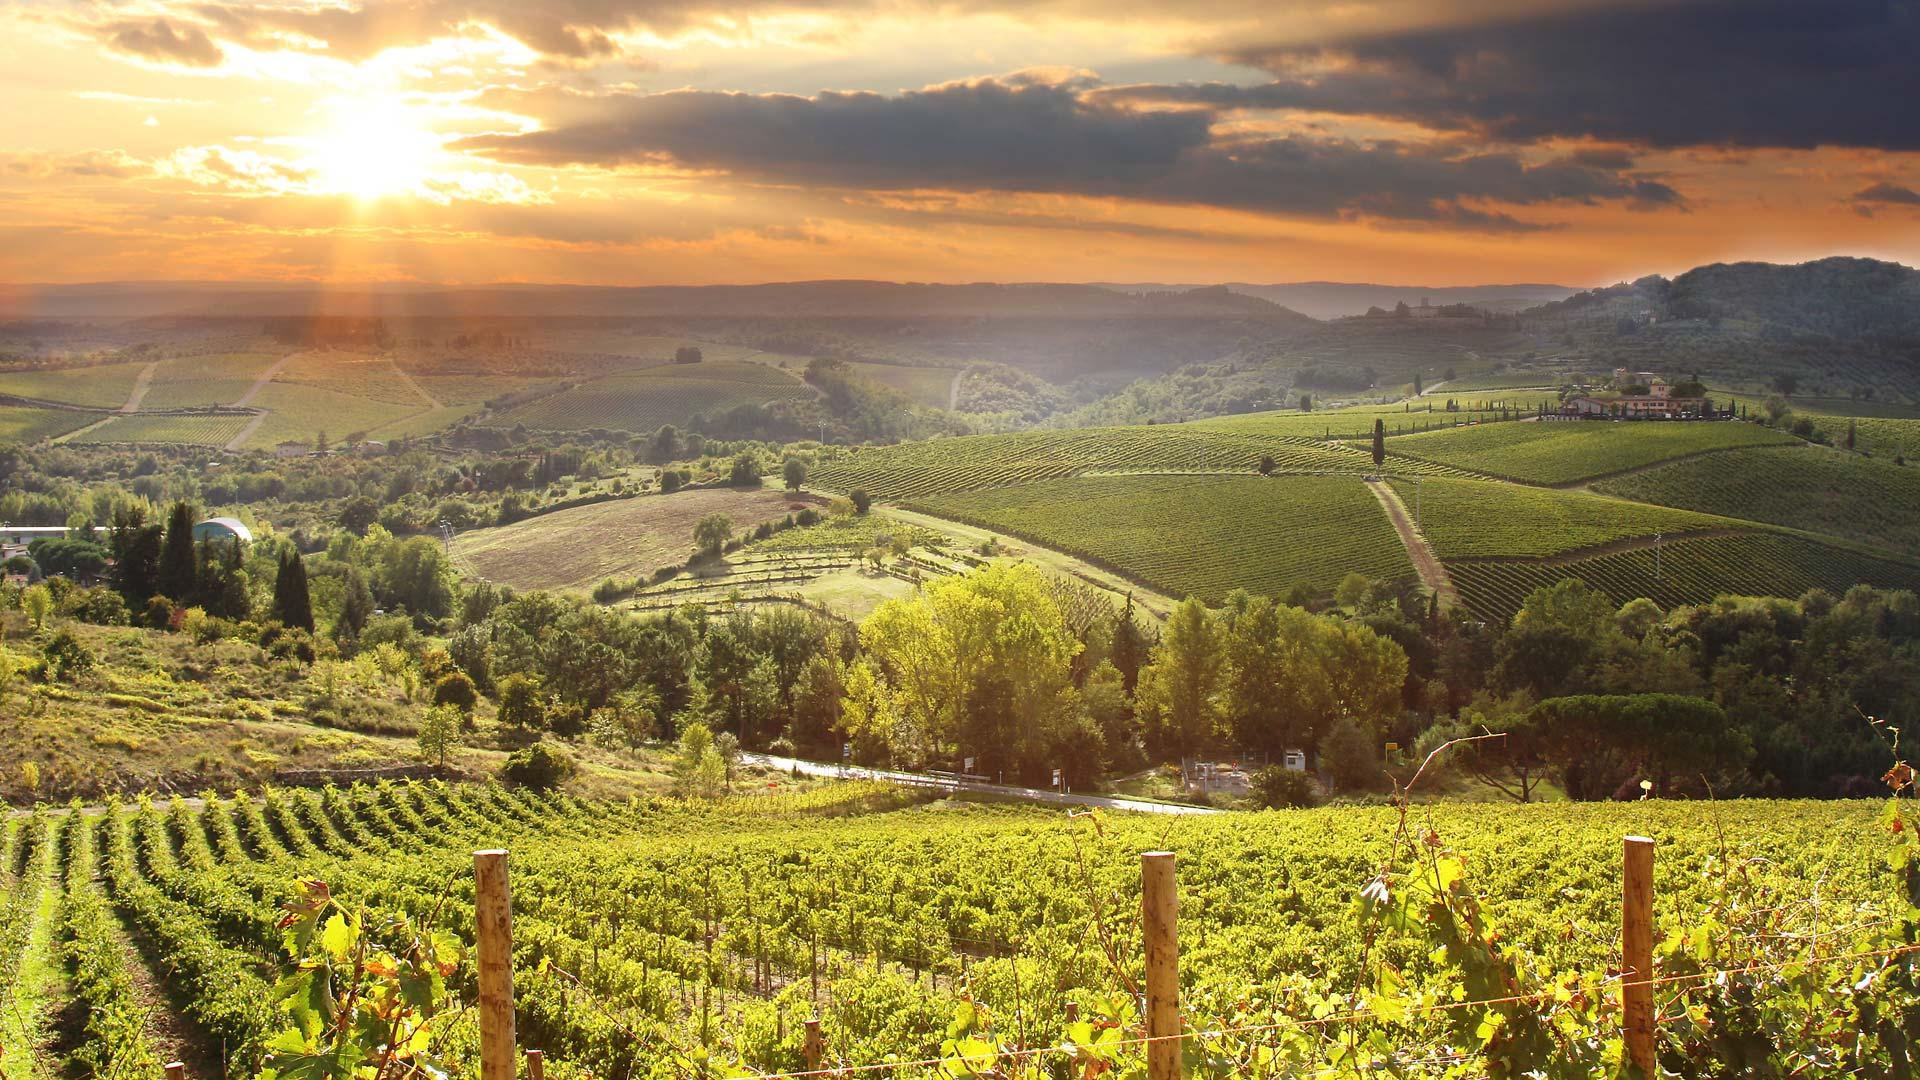 Vinrejse til Alsace og Toscana med Historiske Rejser og Løves Vinrejser